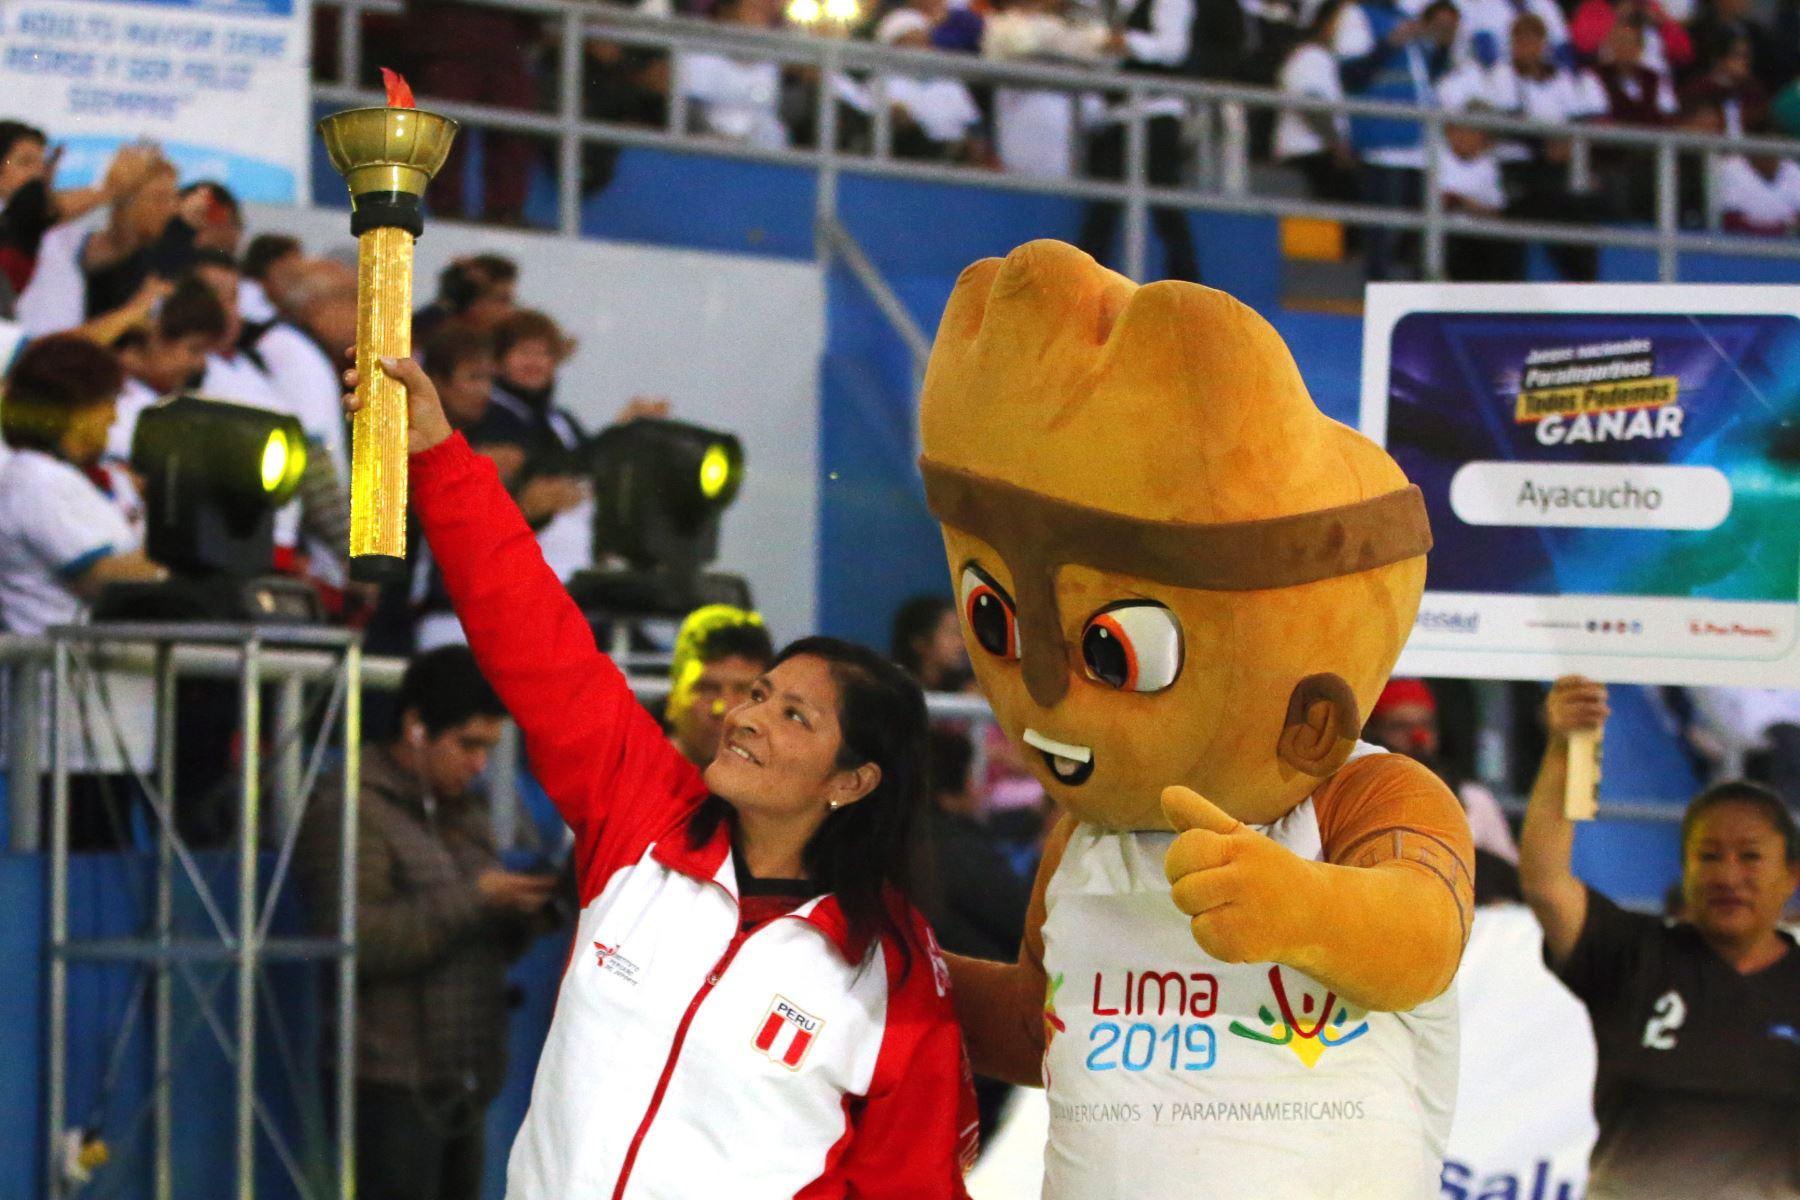 La presidenta ejecutiva de EsaSalud, Fiorella Molinelli  entrega un merecido reconocimiento a deportistas asegurados que participarán en los Juegos Parapanamericanos Lima 2019,  Foto: ANDINA/Vidal Tarqui